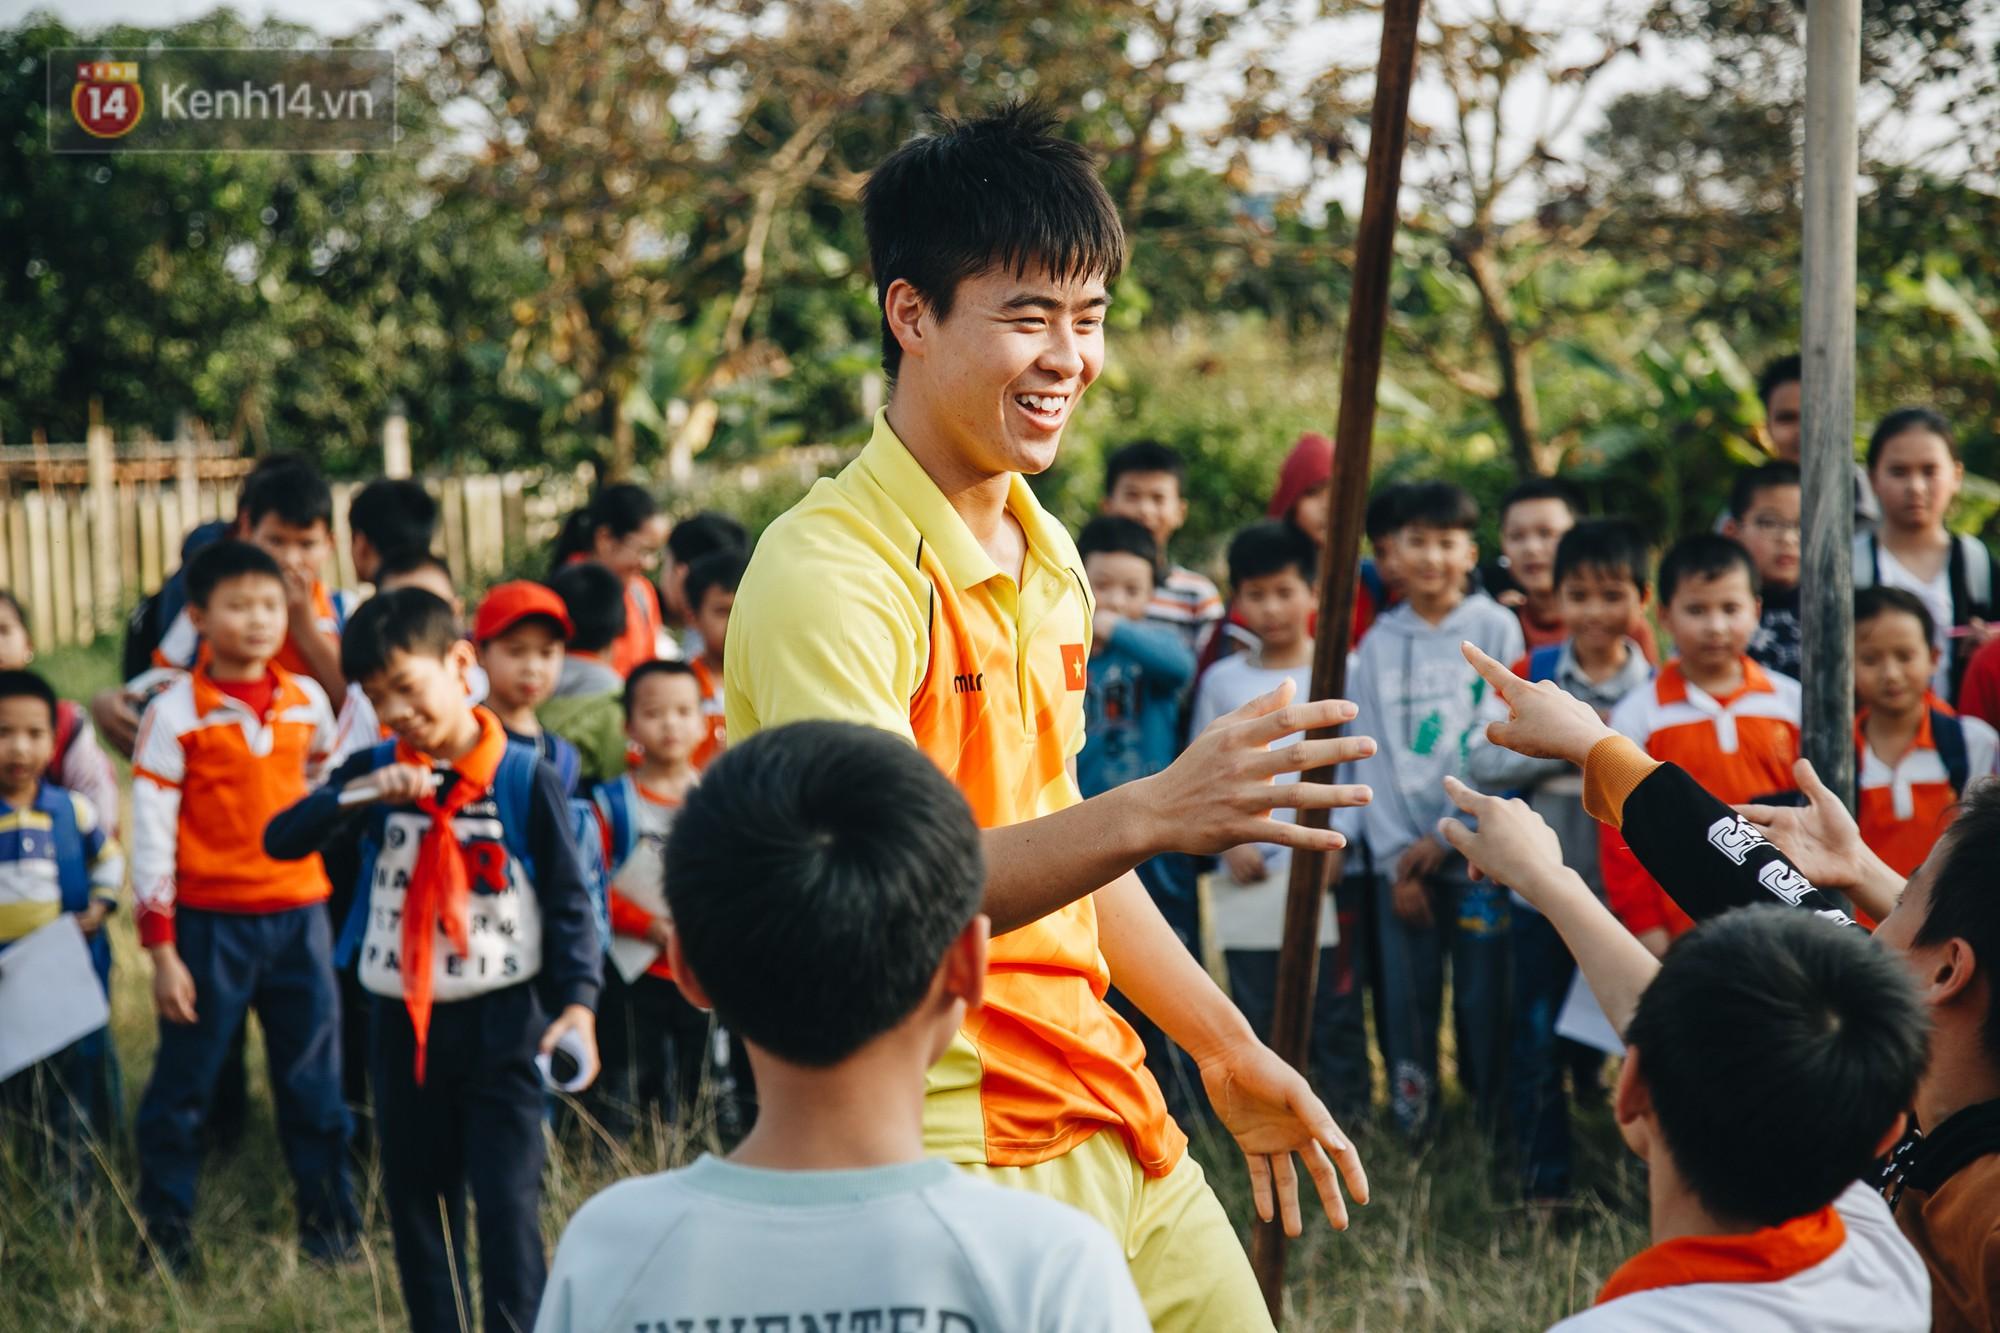 Đỗ Duy Mạnh: Chuyện cậu bé nhặt bóng 10 năm trước và người hùng sau vô địch AFF Cup 2018 - Ảnh 10.